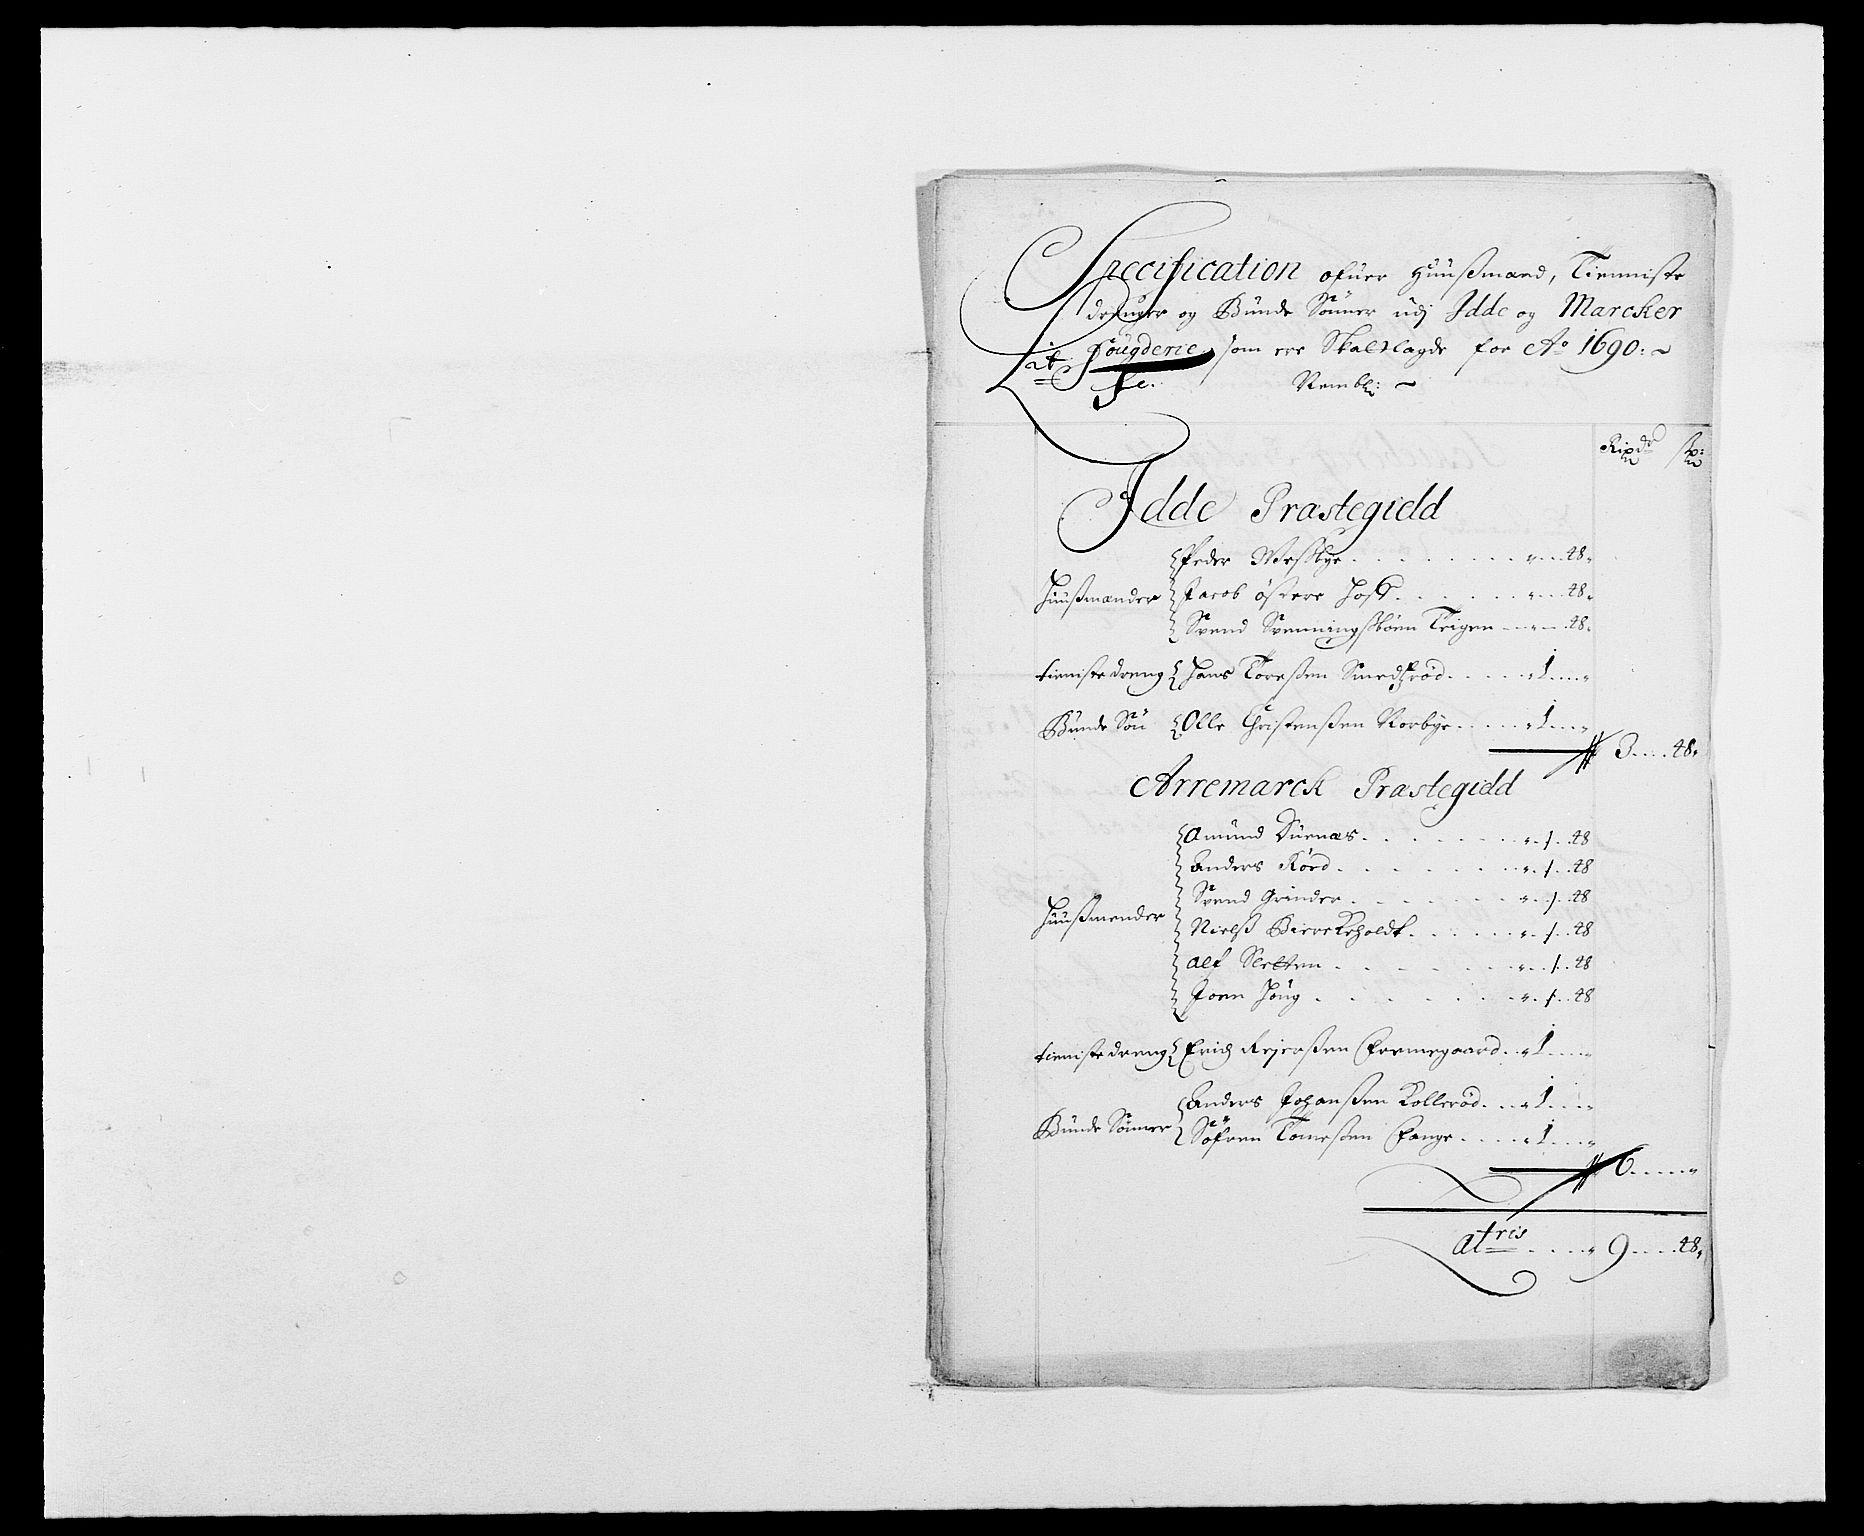 RA, Rentekammeret inntil 1814, Reviderte regnskaper, Fogderegnskap, R01/L0010: Fogderegnskap Idd og Marker, 1690-1691, s. 240